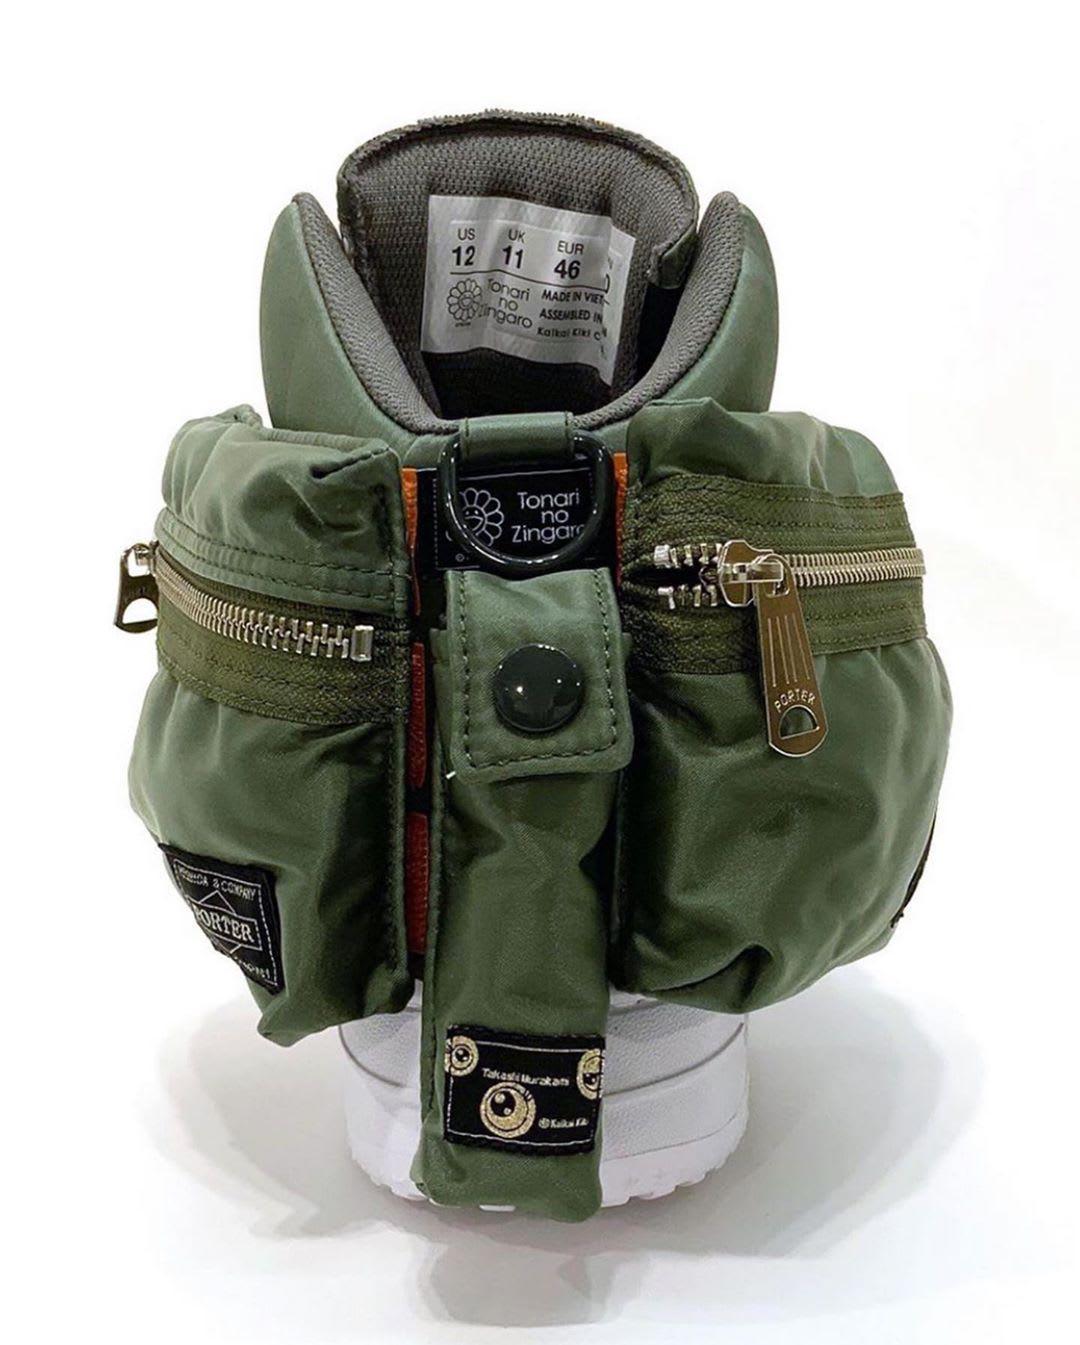 Murakami TZ BS-06 (Heel)